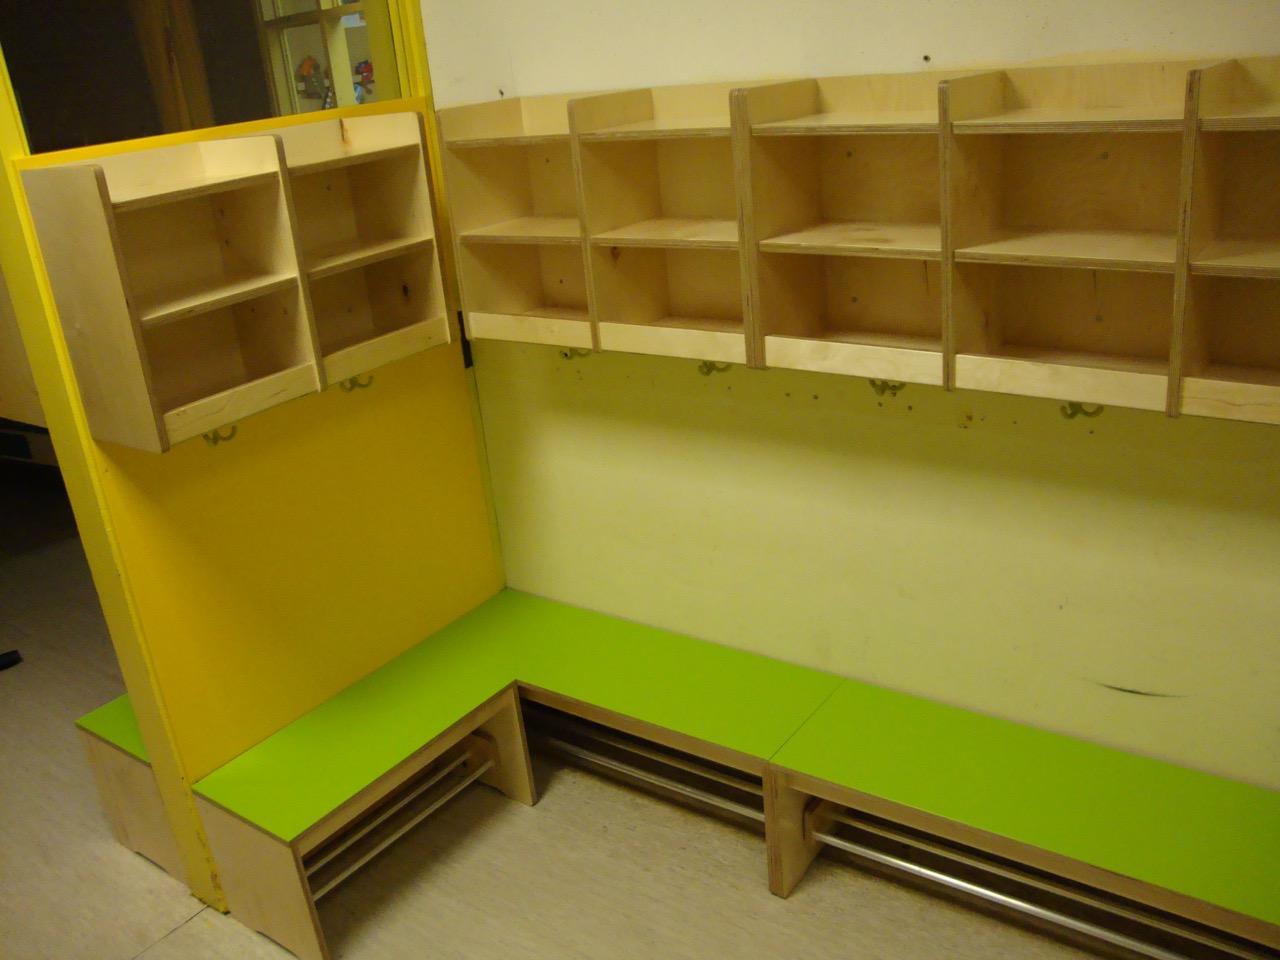 B nke mit garderobe f r einen kindergarten tischlerei for Garderobe kindergarten